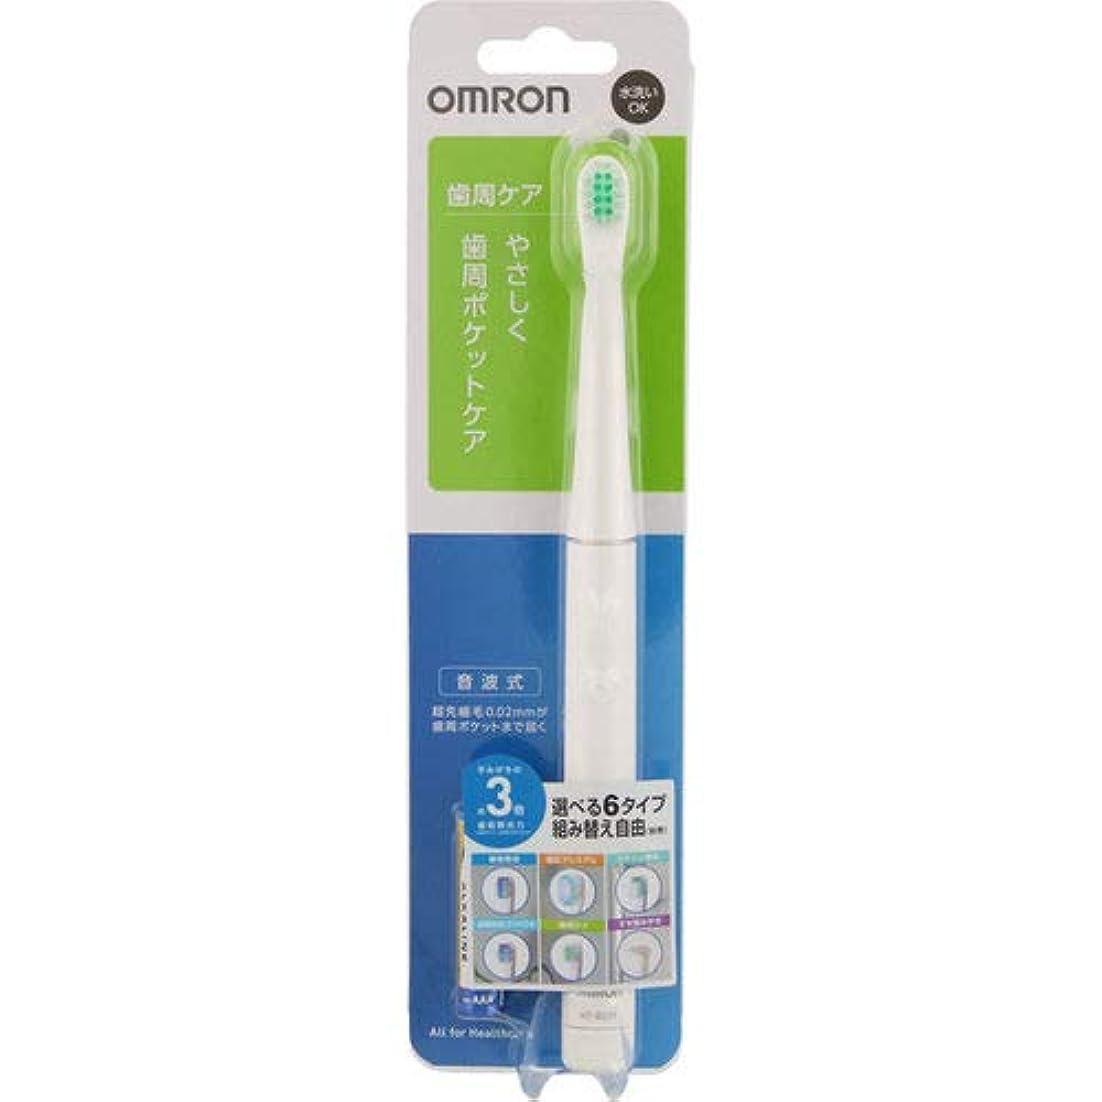 オールバドミントンスポーツオムロン 電動歯ブラシ HT-B221-W ホワイト 電池式